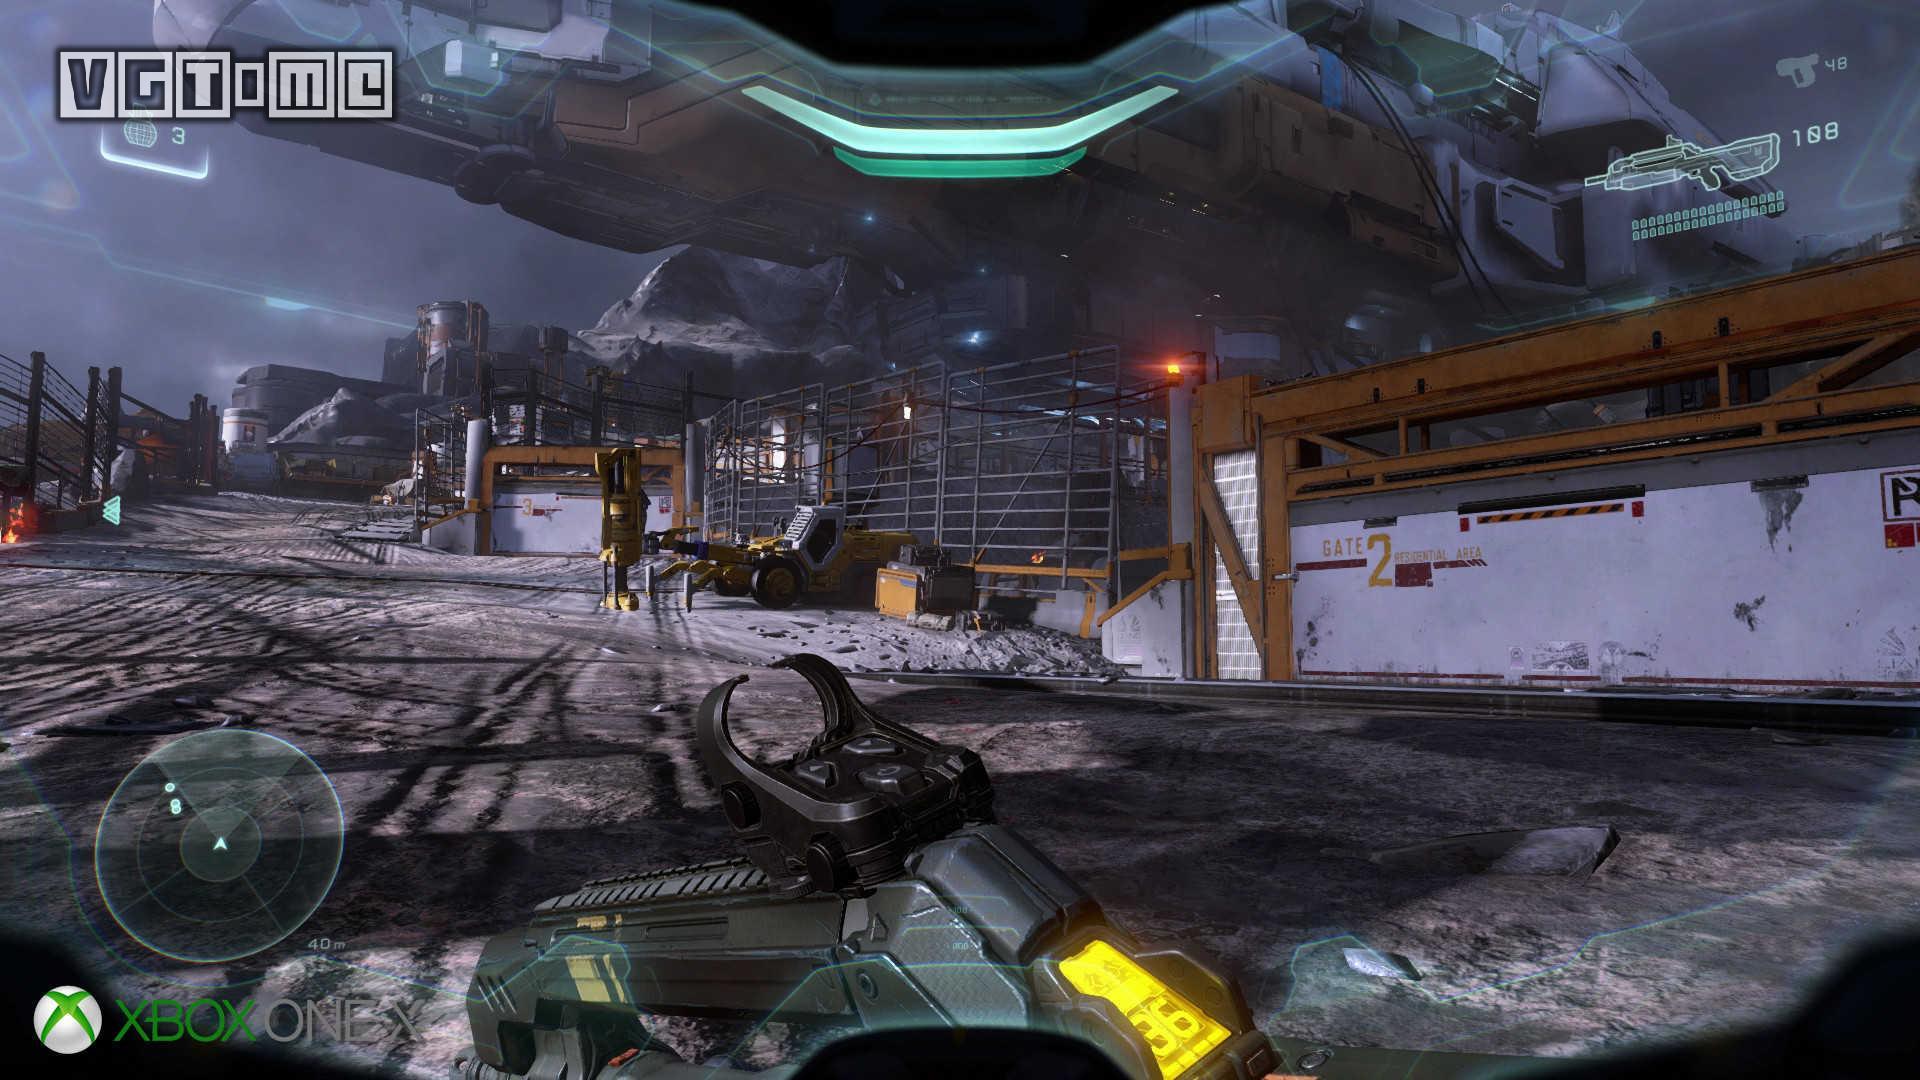 今天的游戏,如何在未来的主机上表现得更好?